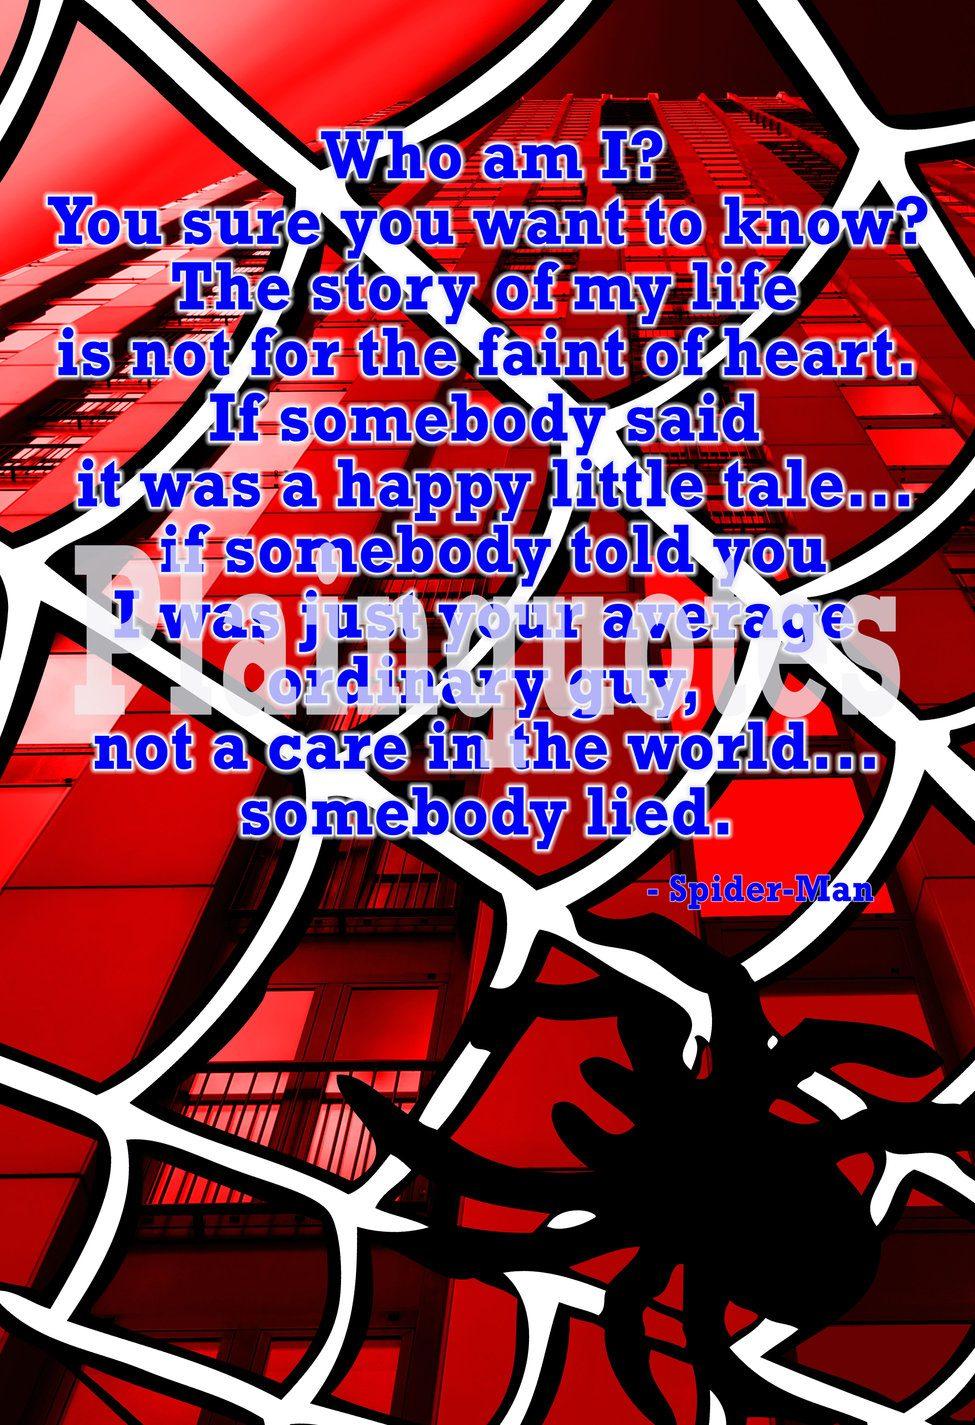 spider man quote